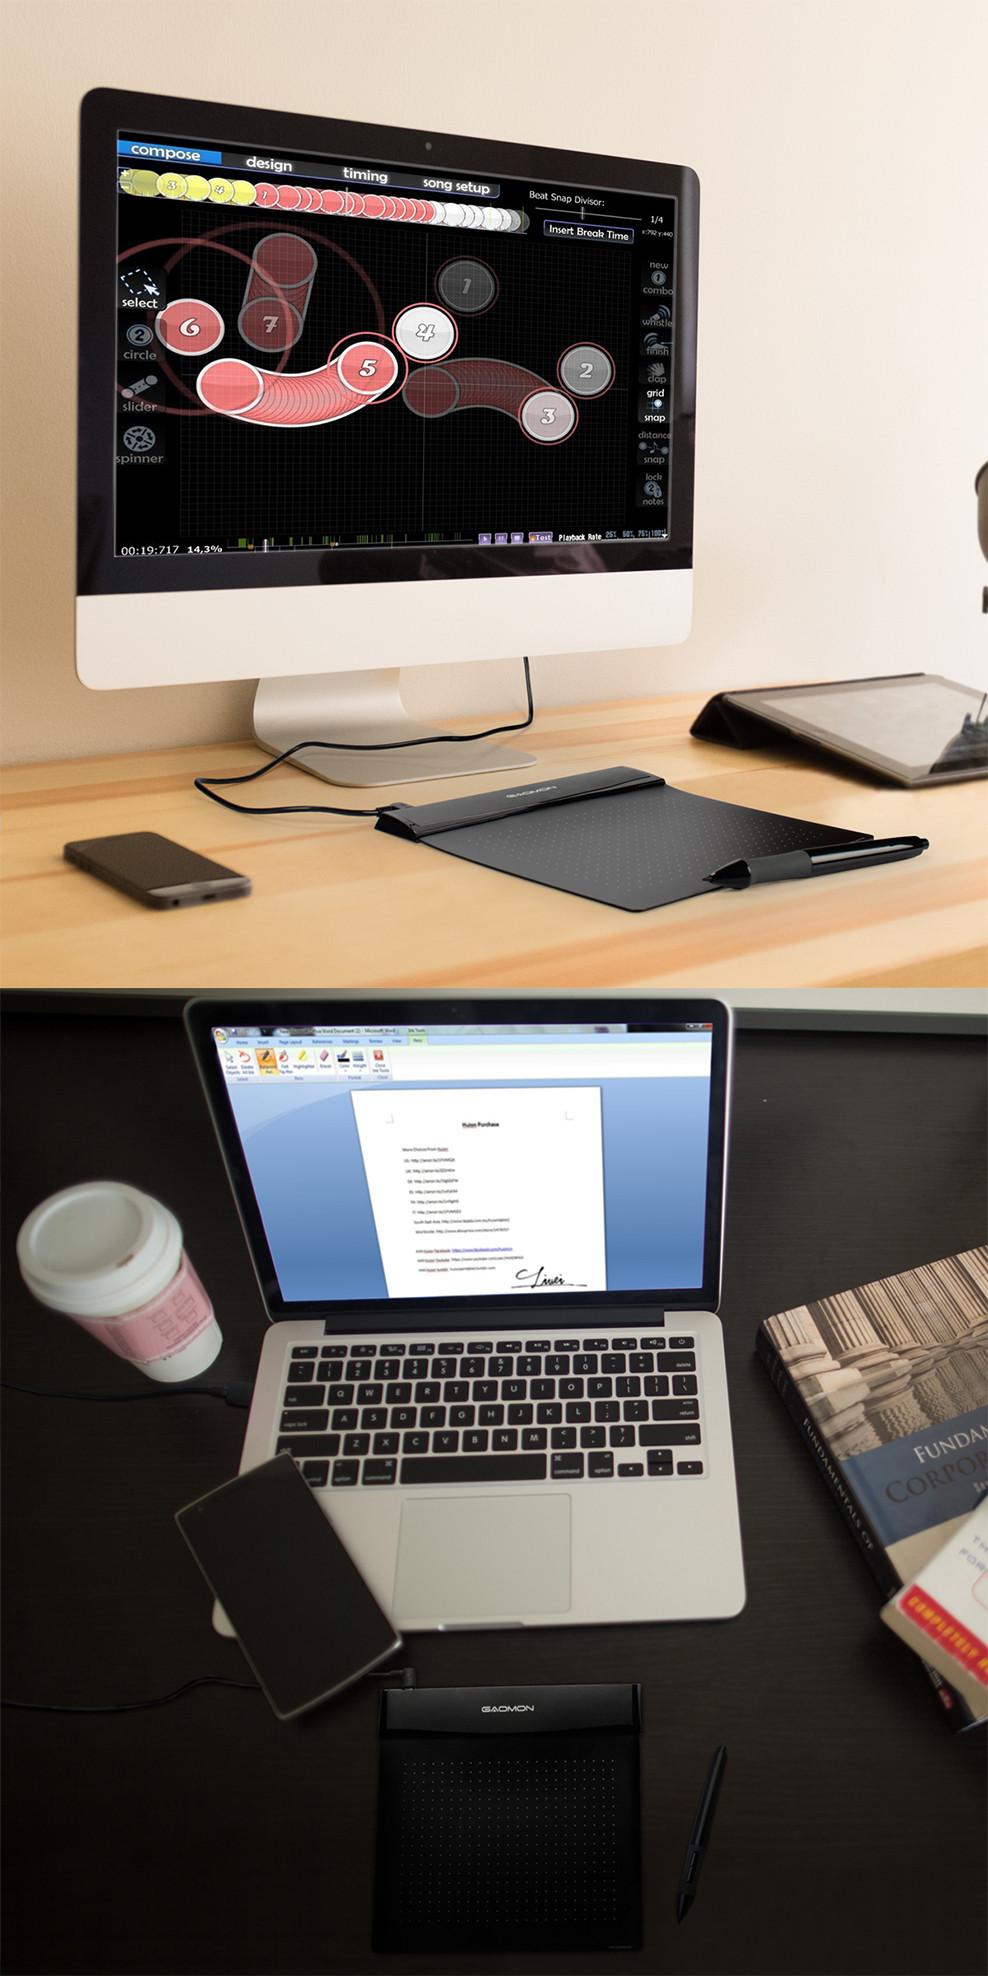 لوحة رقمية صغيرة مرنة للرسم والتصميم الهندسي على الحاسوب 1